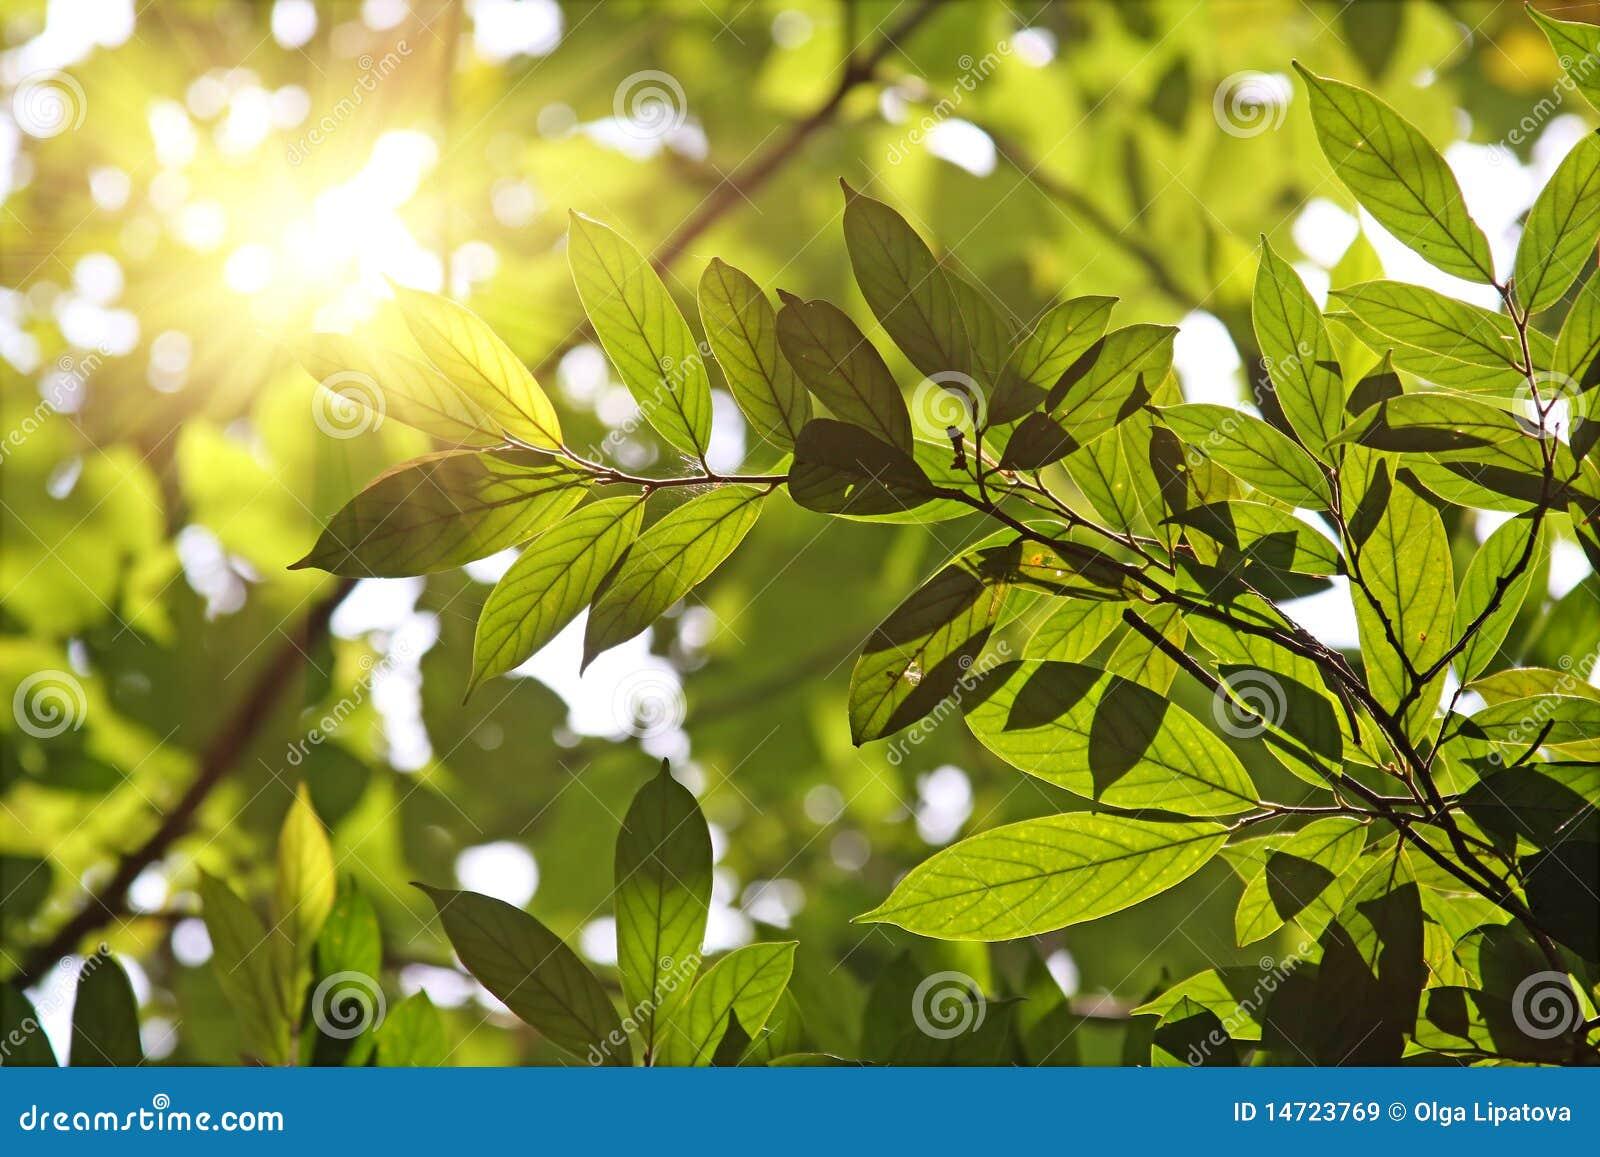 Bladeren tegen de ochtendzon